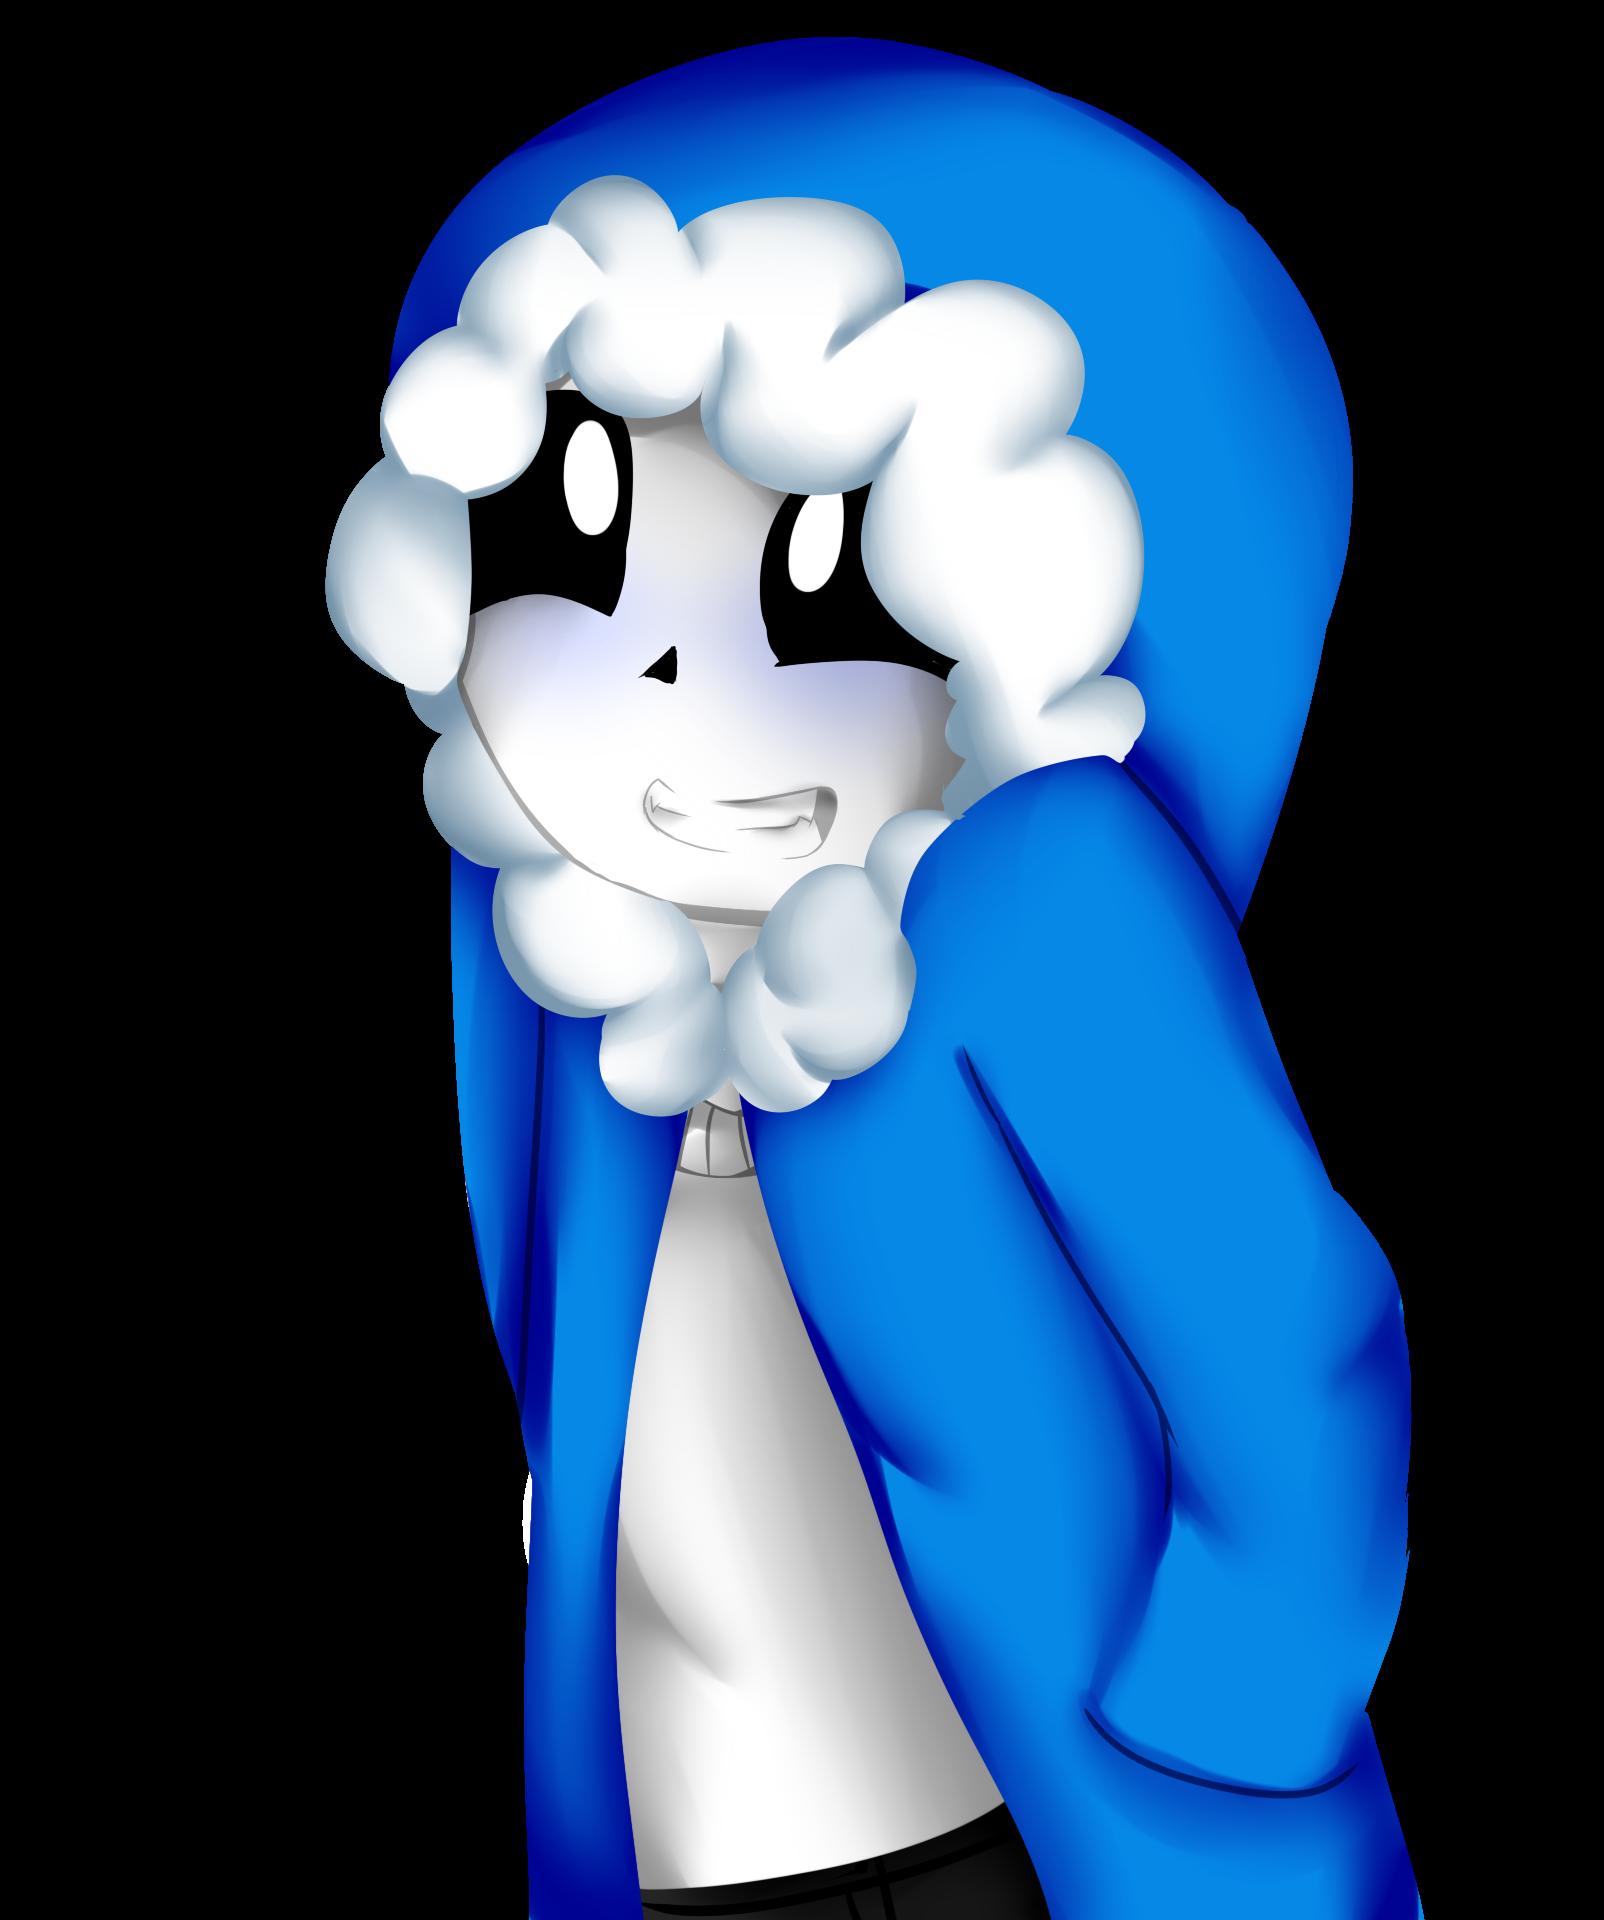 Imagen - Undertale Cute Hooded Sans.png | Wiki My little ...